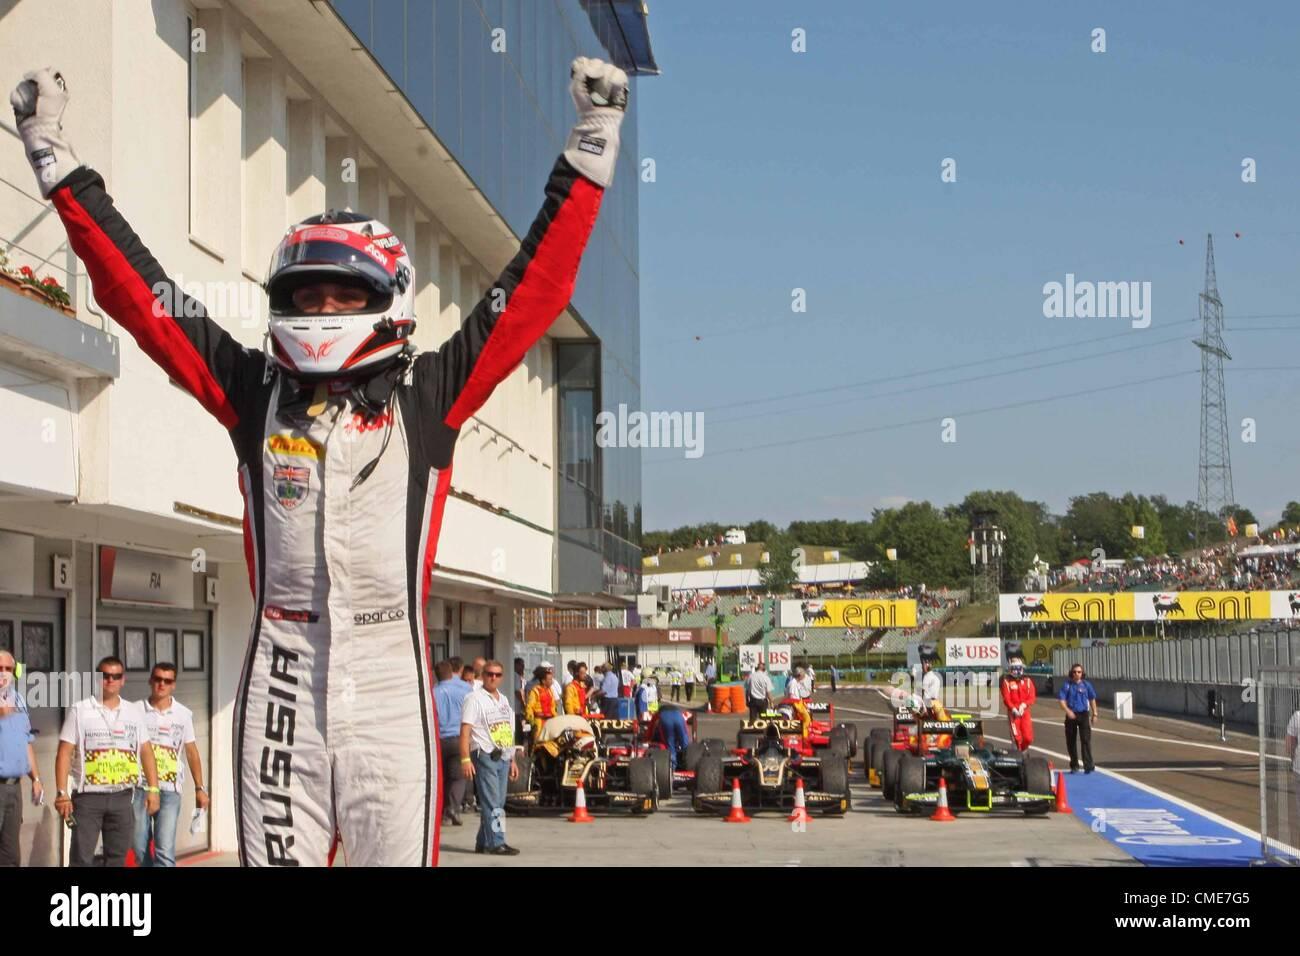 28.07.2012: Budapest, Ungarn. FIA GP2 Motorsport.  Max Chilton gewinnt seinen ersten GP2 Rennen mit Carlin Stockbild